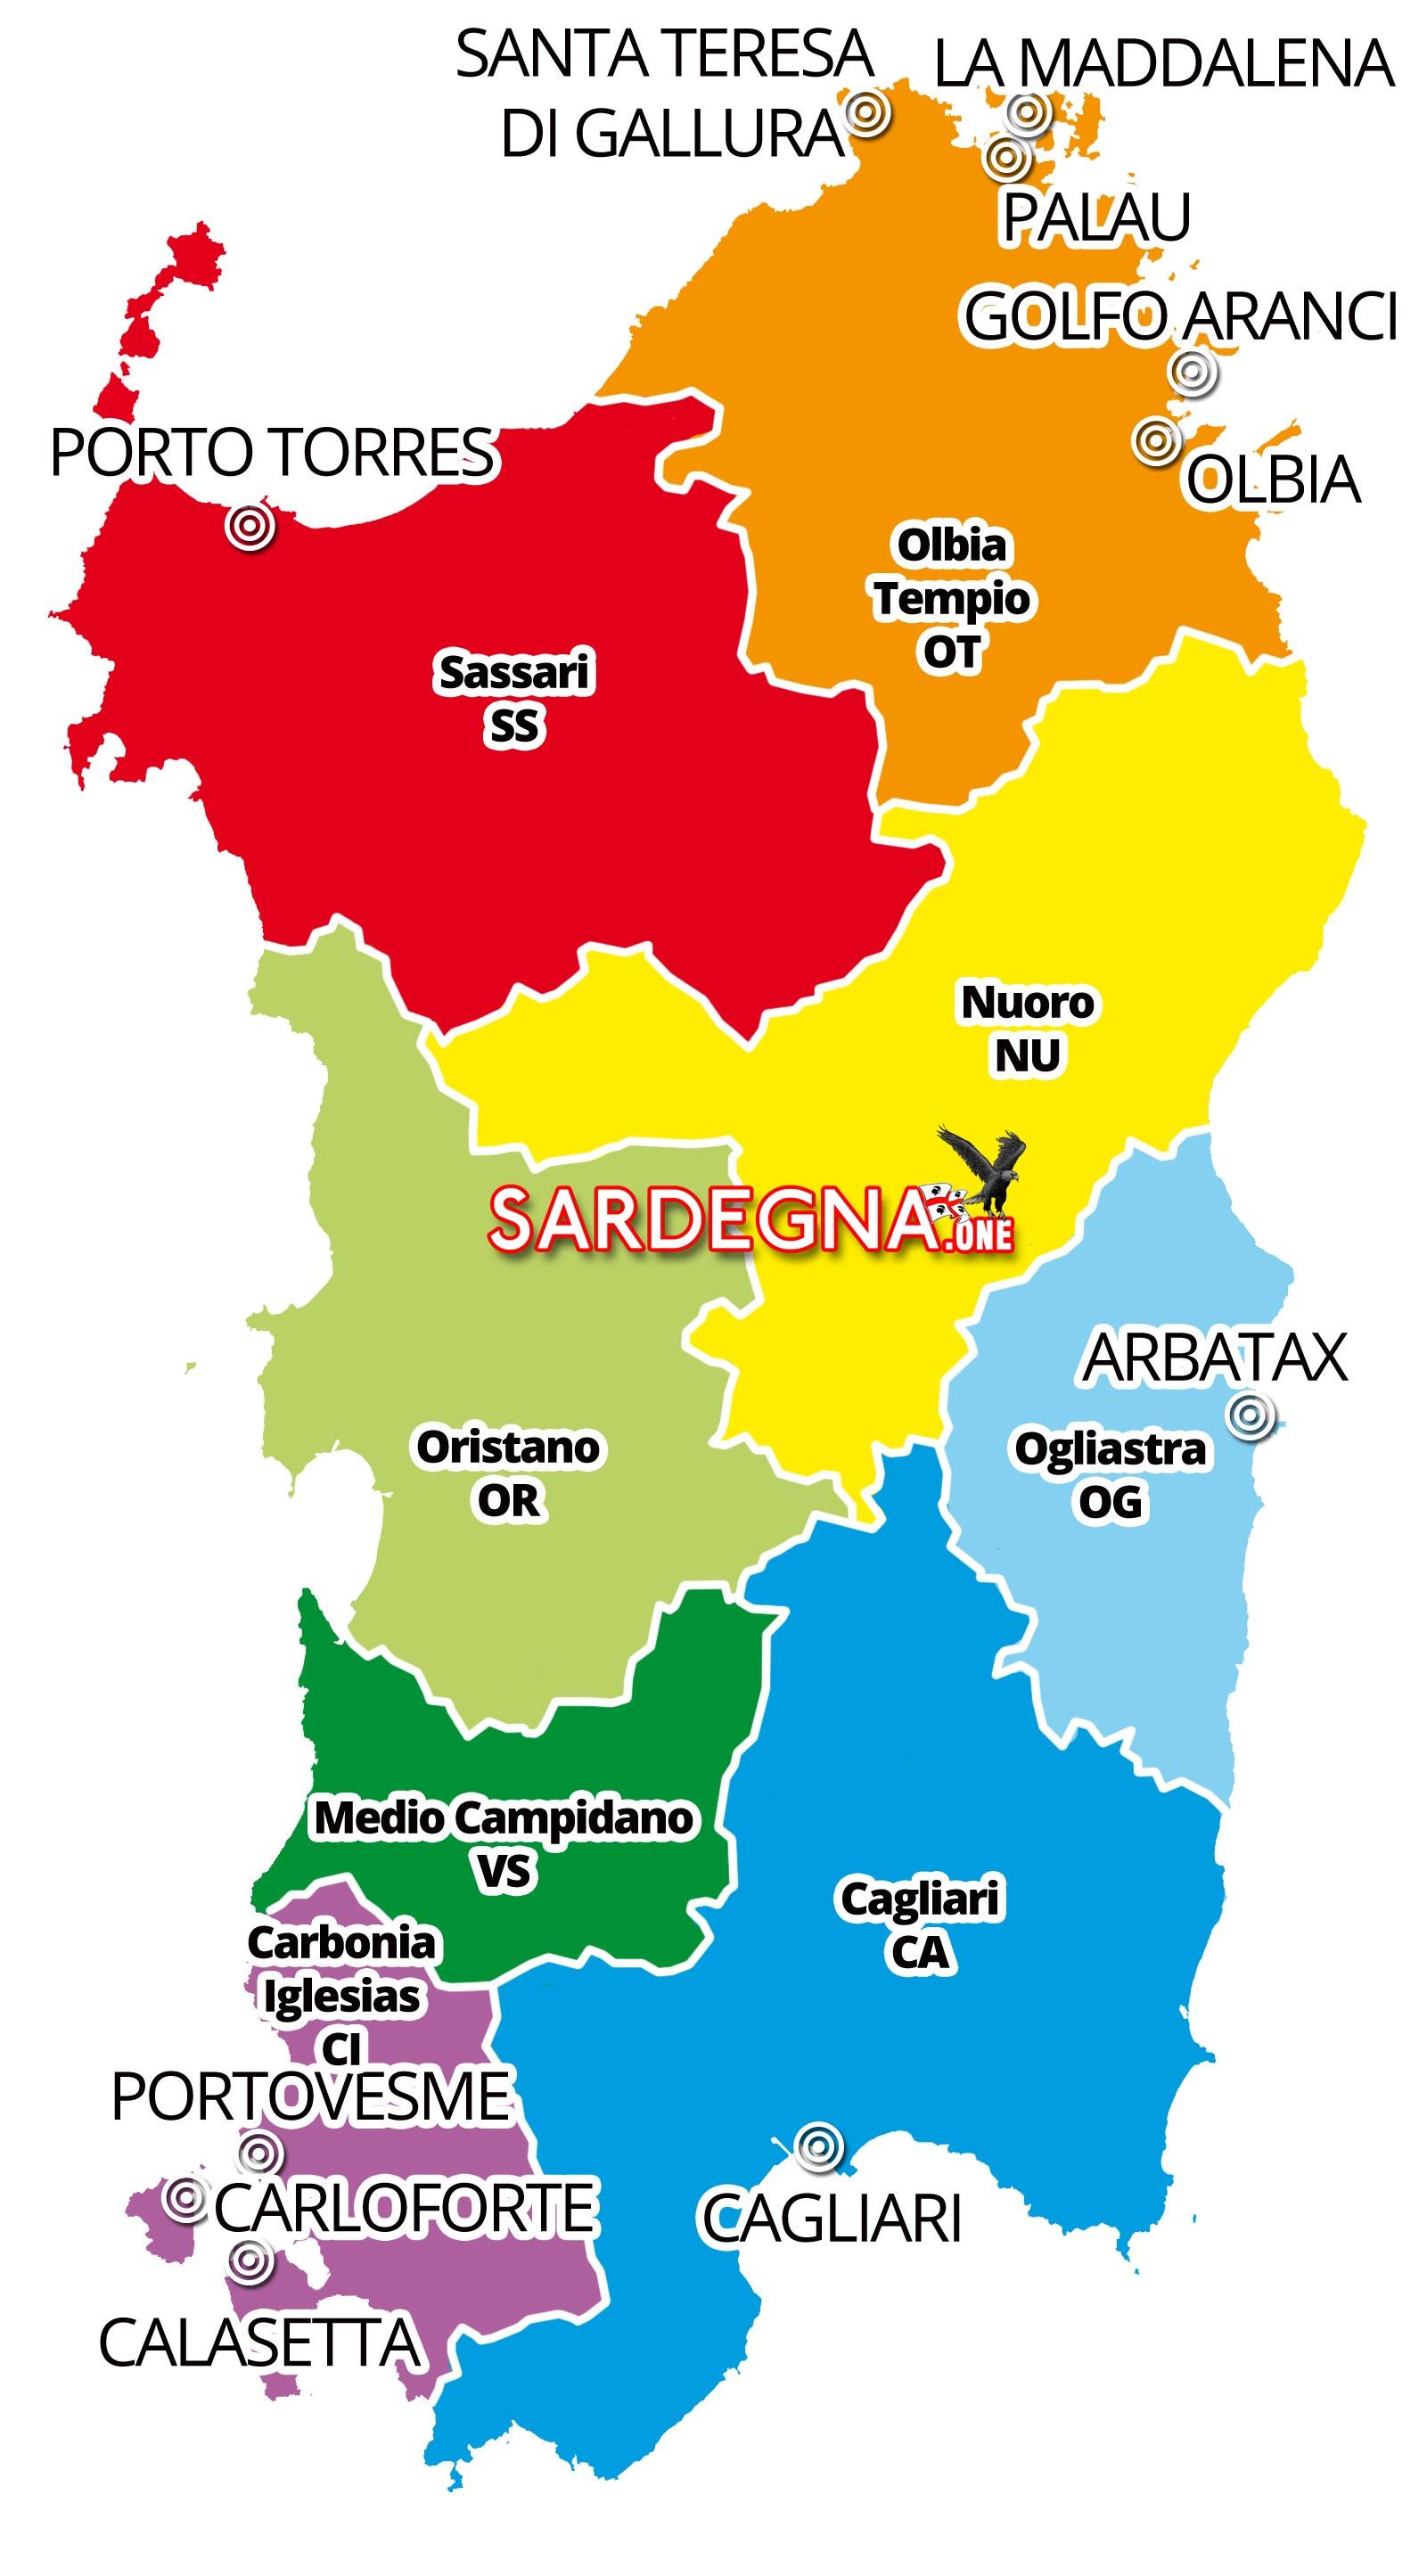 Cartina Sardegna Province.Mappa Della Sardegna Dal Satellite Sardegna One